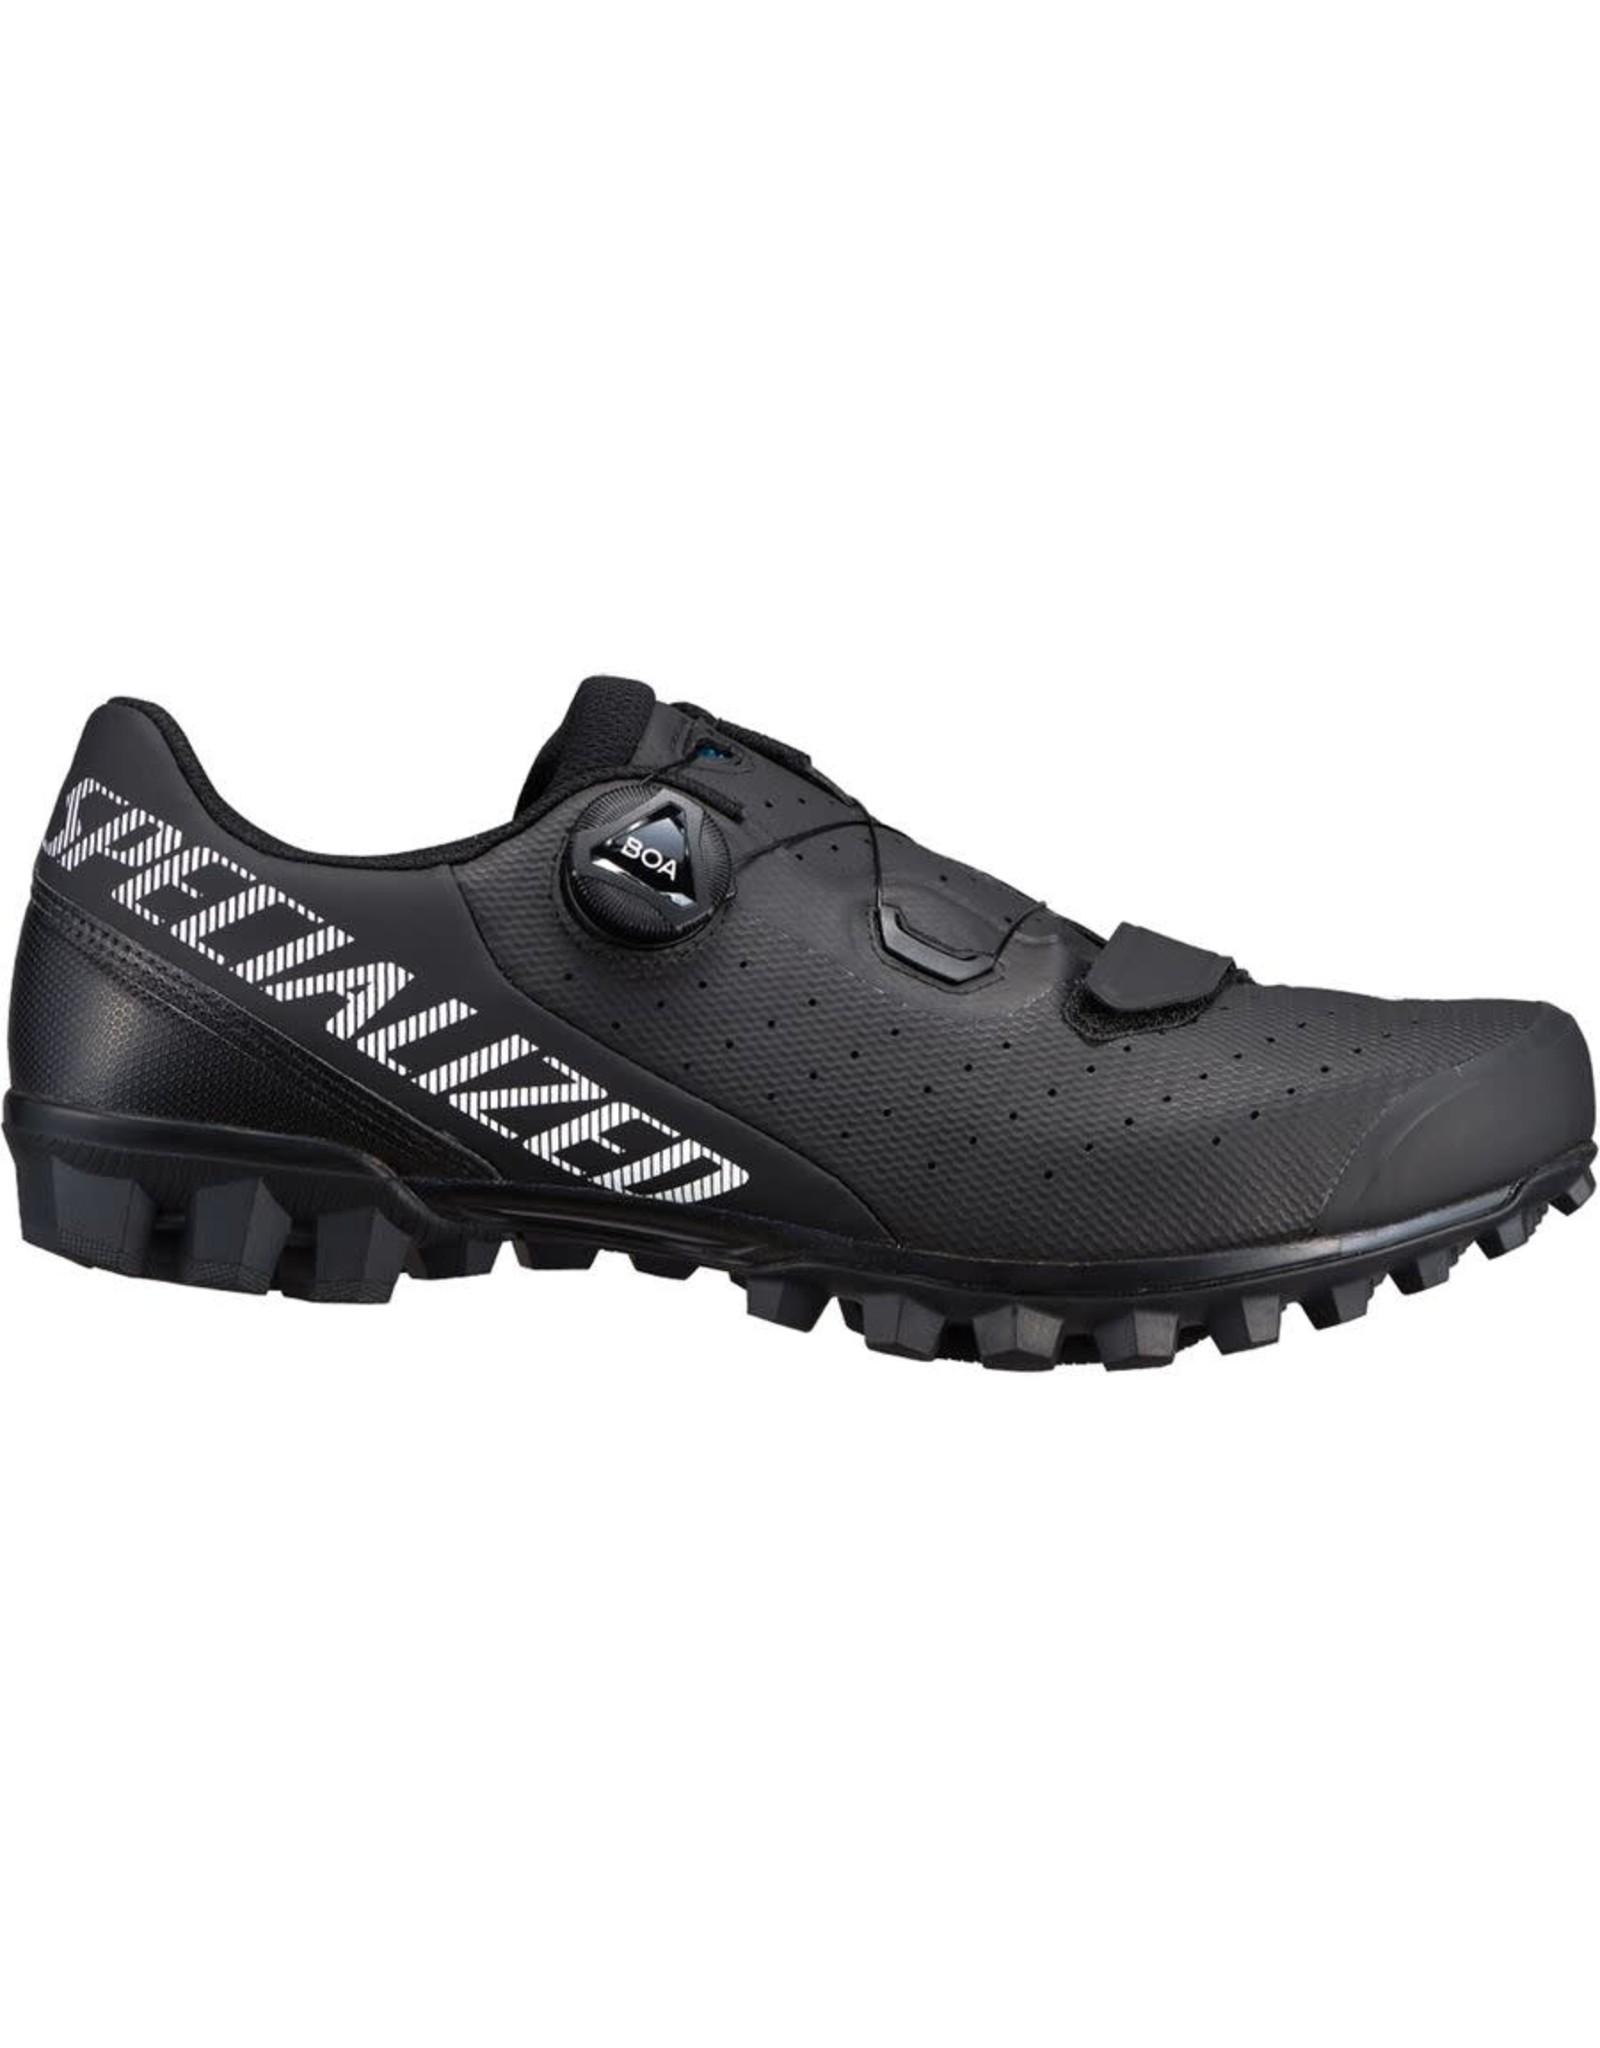 Specialized Shoe Spec Recon 2.0 Blk 41